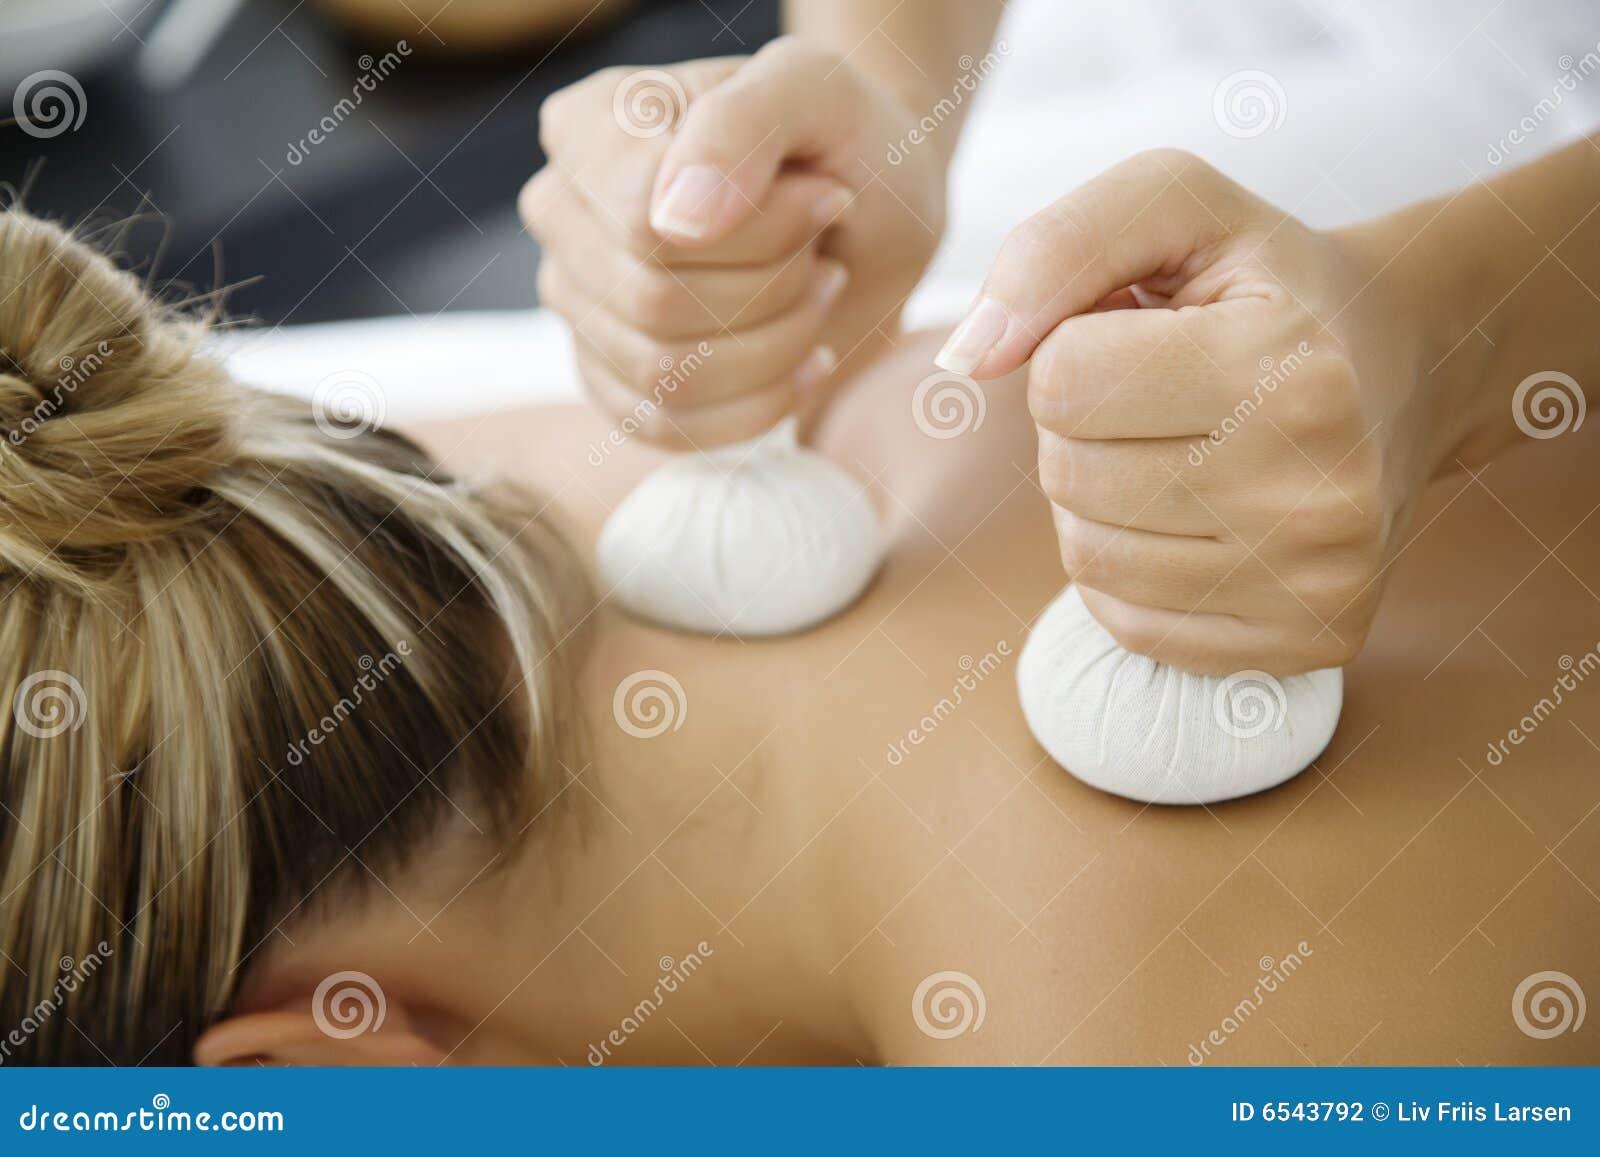 Tthai Kräutermassage